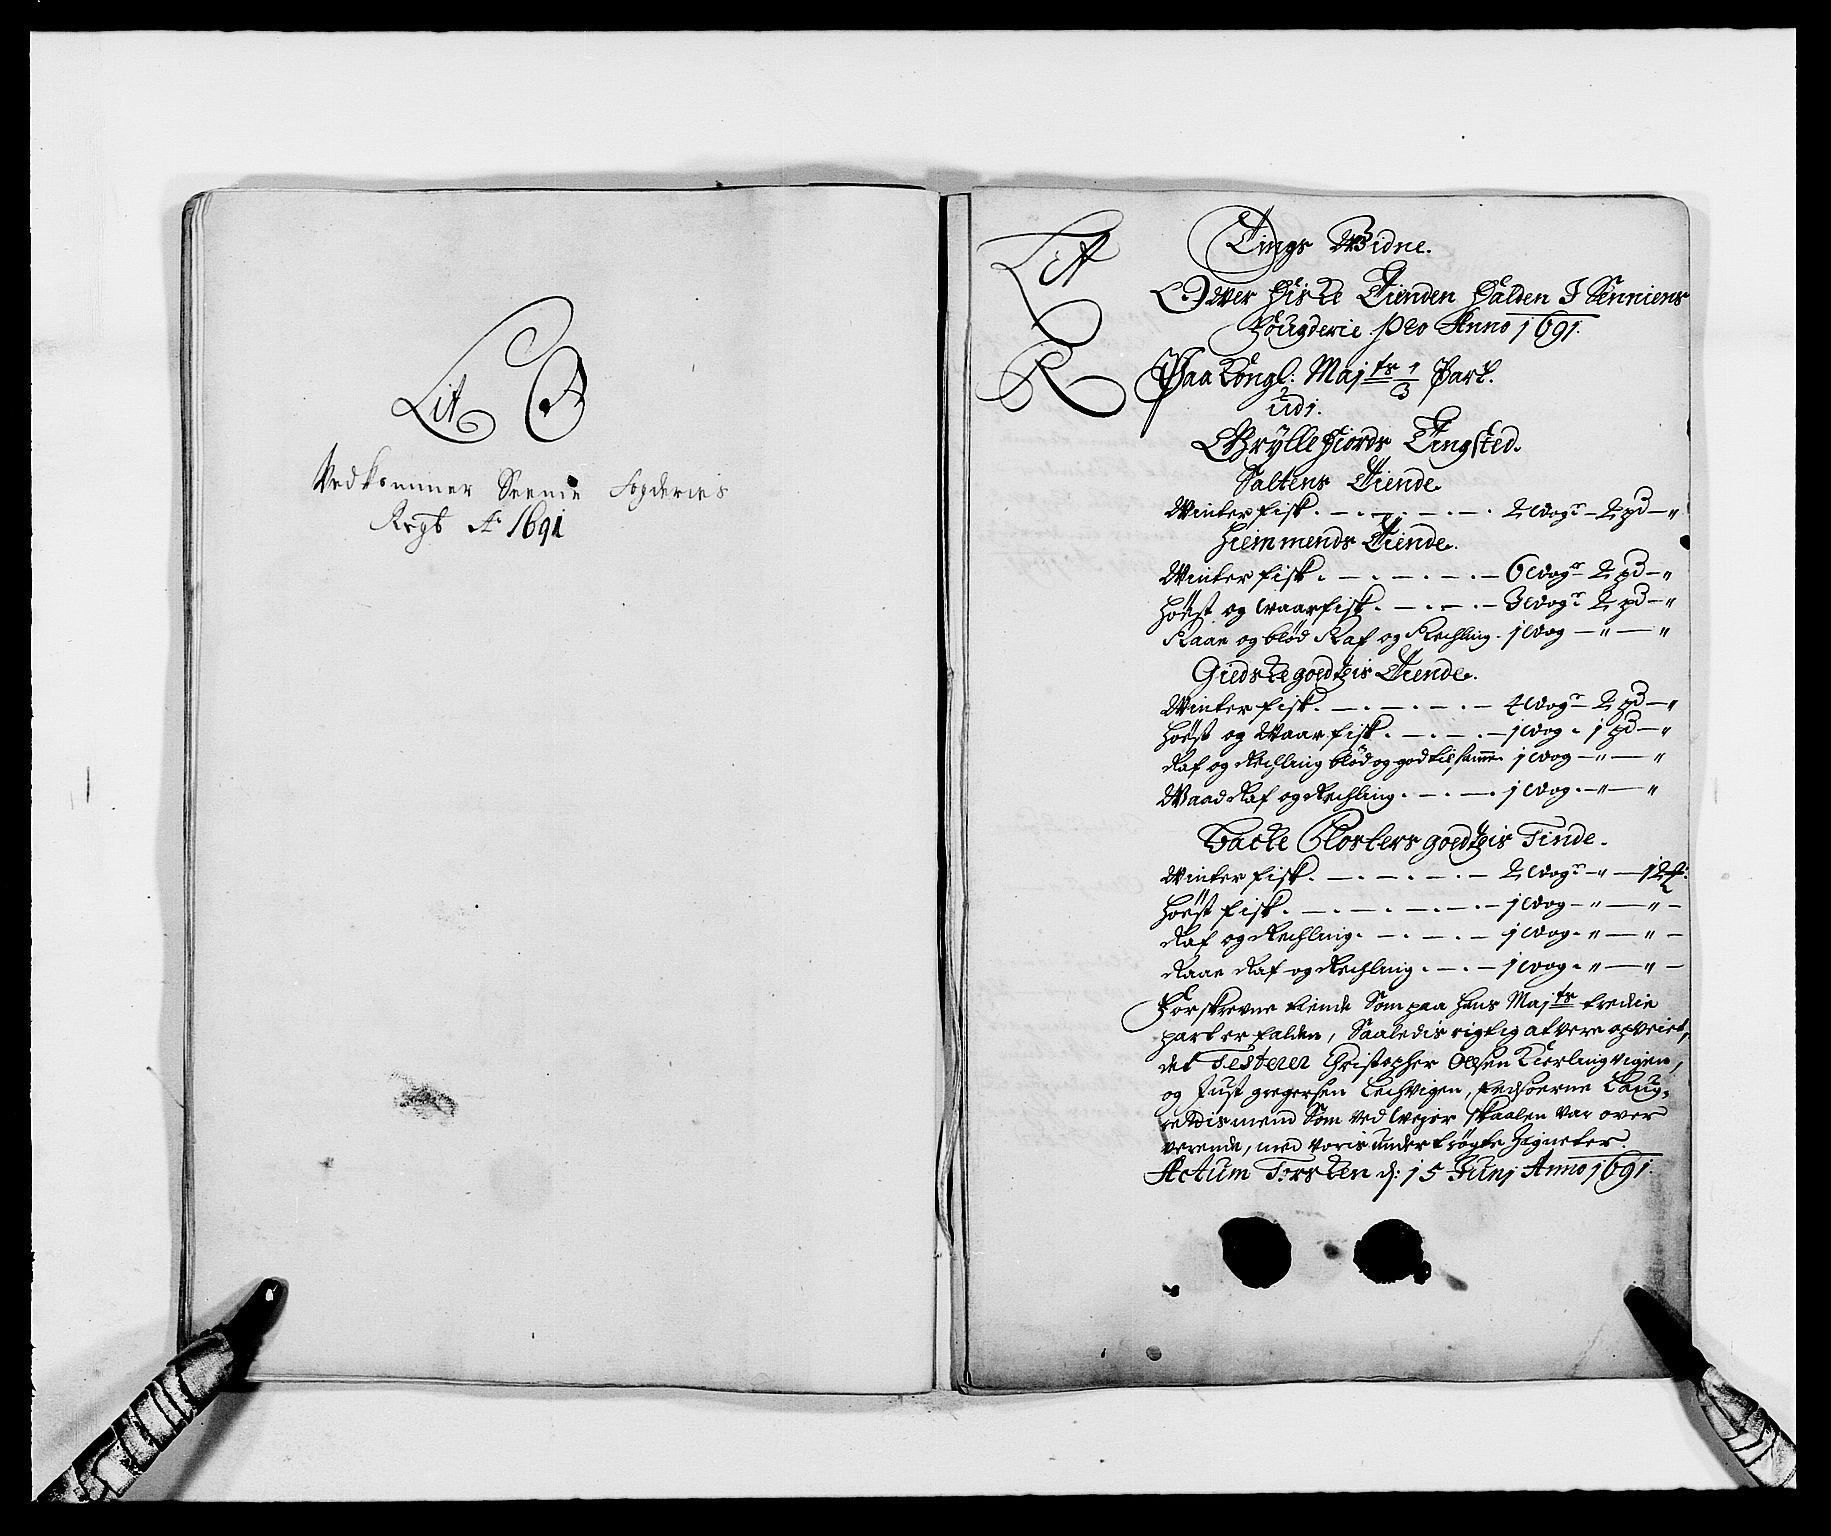 RA, Rentekammeret inntil 1814, Reviderte regnskaper, Fogderegnskap, R68/L4752: Fogderegnskap Senja og Troms, 1691-1693, s. 123